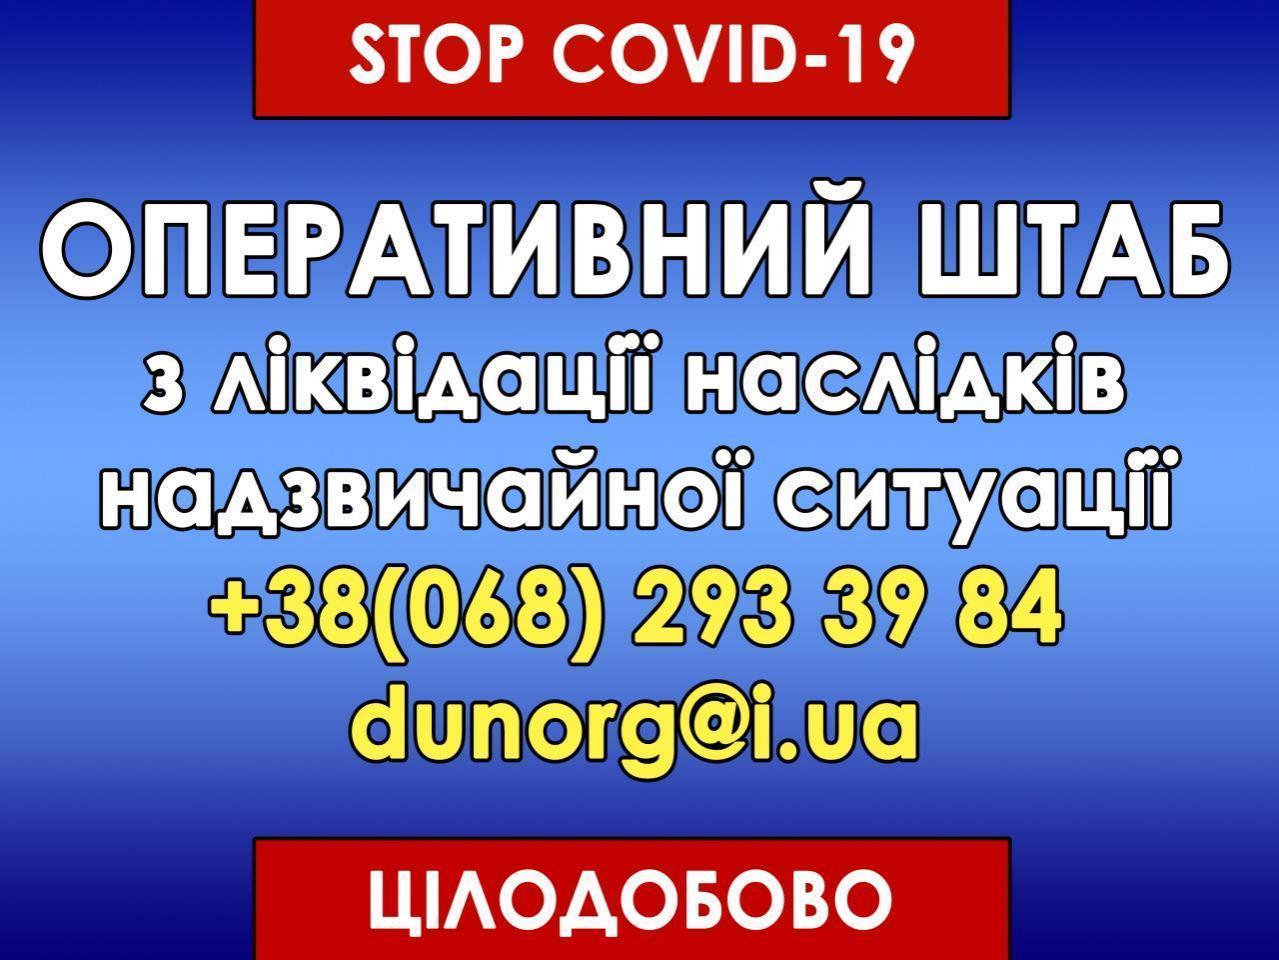 http://dunrada.gov.ua/uploadfile/archive_news/2021/02/22/2021-02-22_4799/images/images-10815.jpg